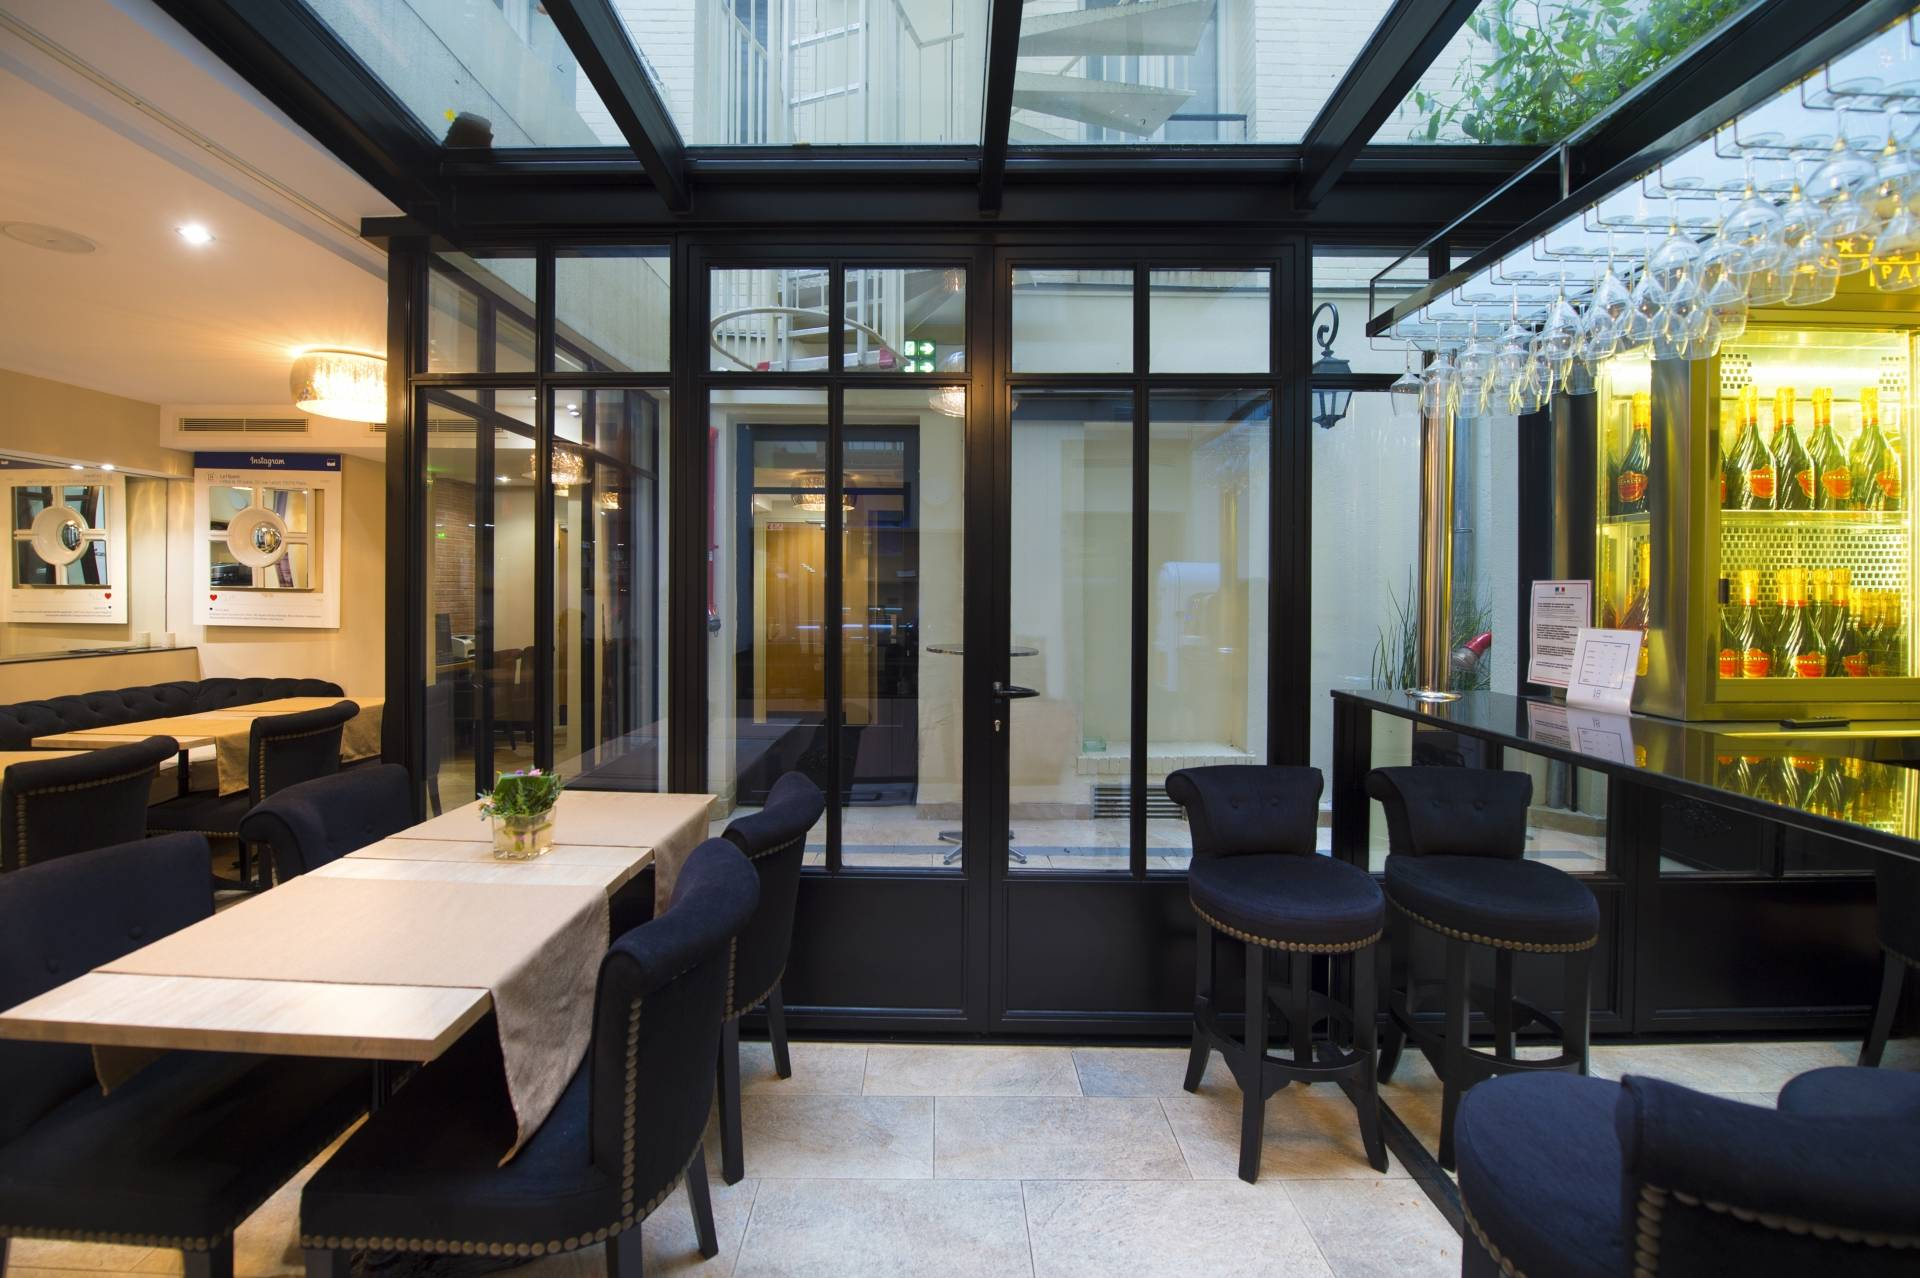 vitrages chauffants pour un confort in dit et in galable calorglass riou glass. Black Bedroom Furniture Sets. Home Design Ideas